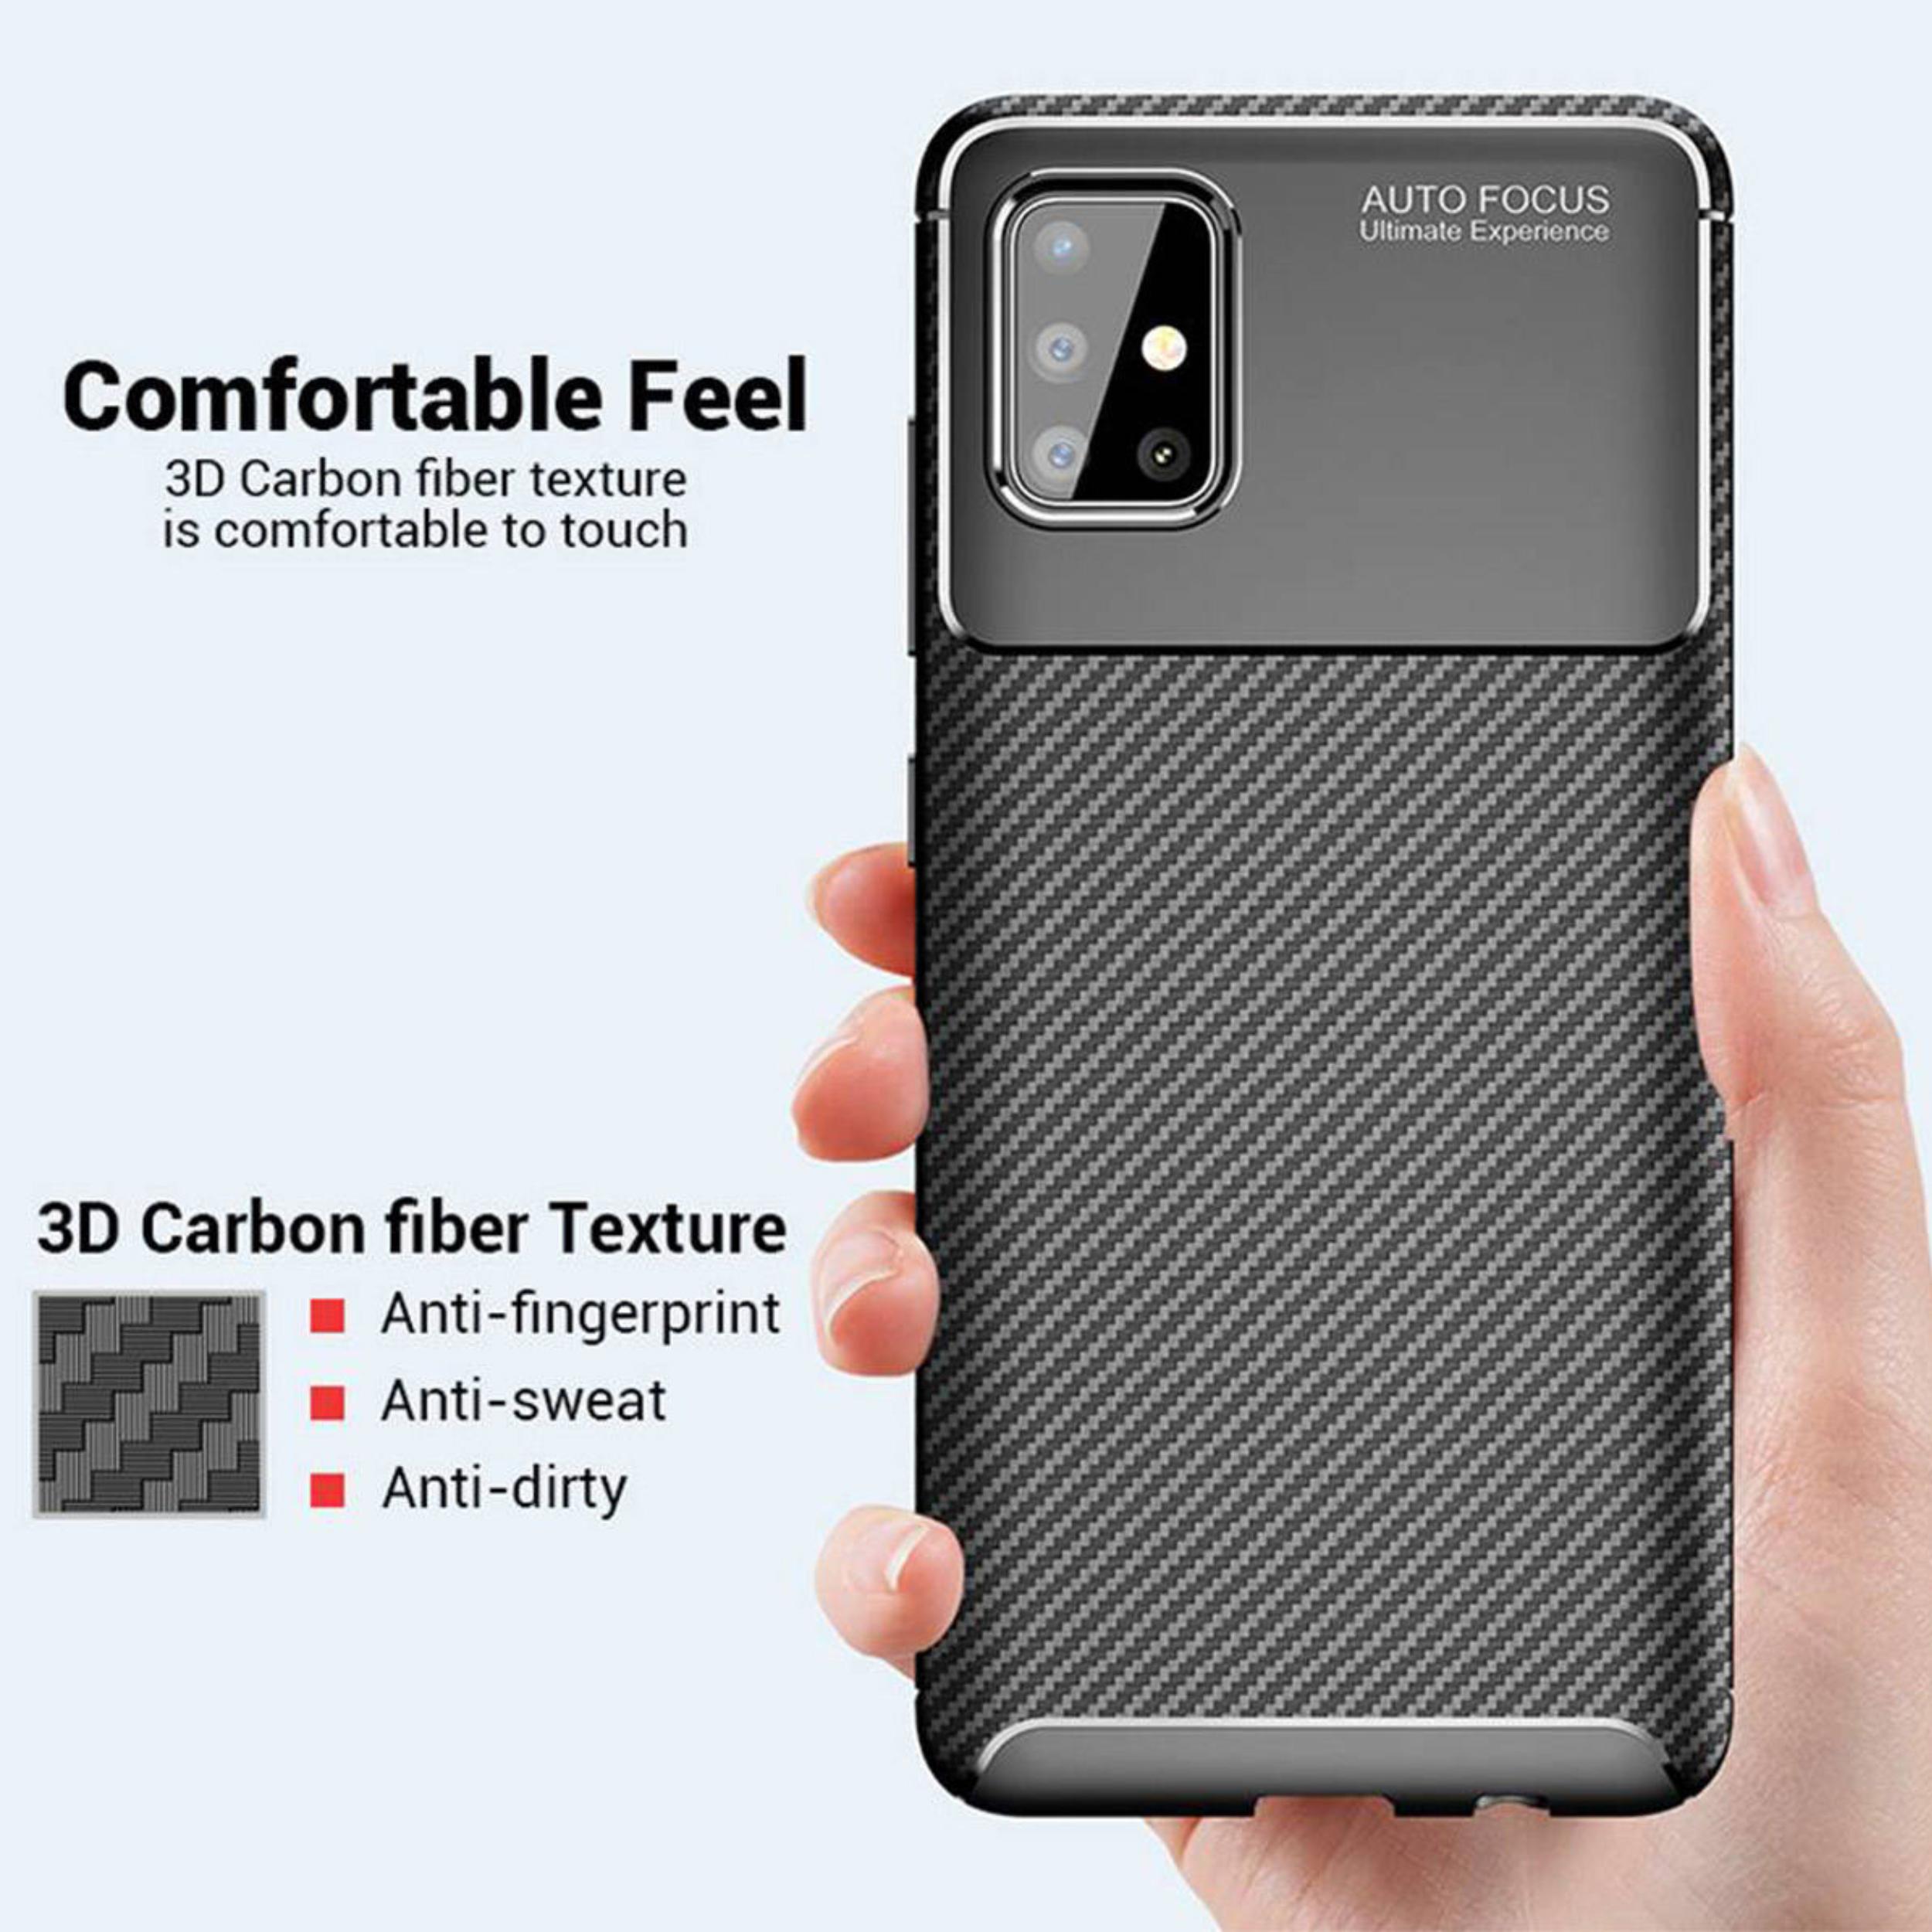 کاور لاین کینگ مدل A21 مناسب برای گوشی موبایل سامسونگ Galaxy A51 thumb 2 14